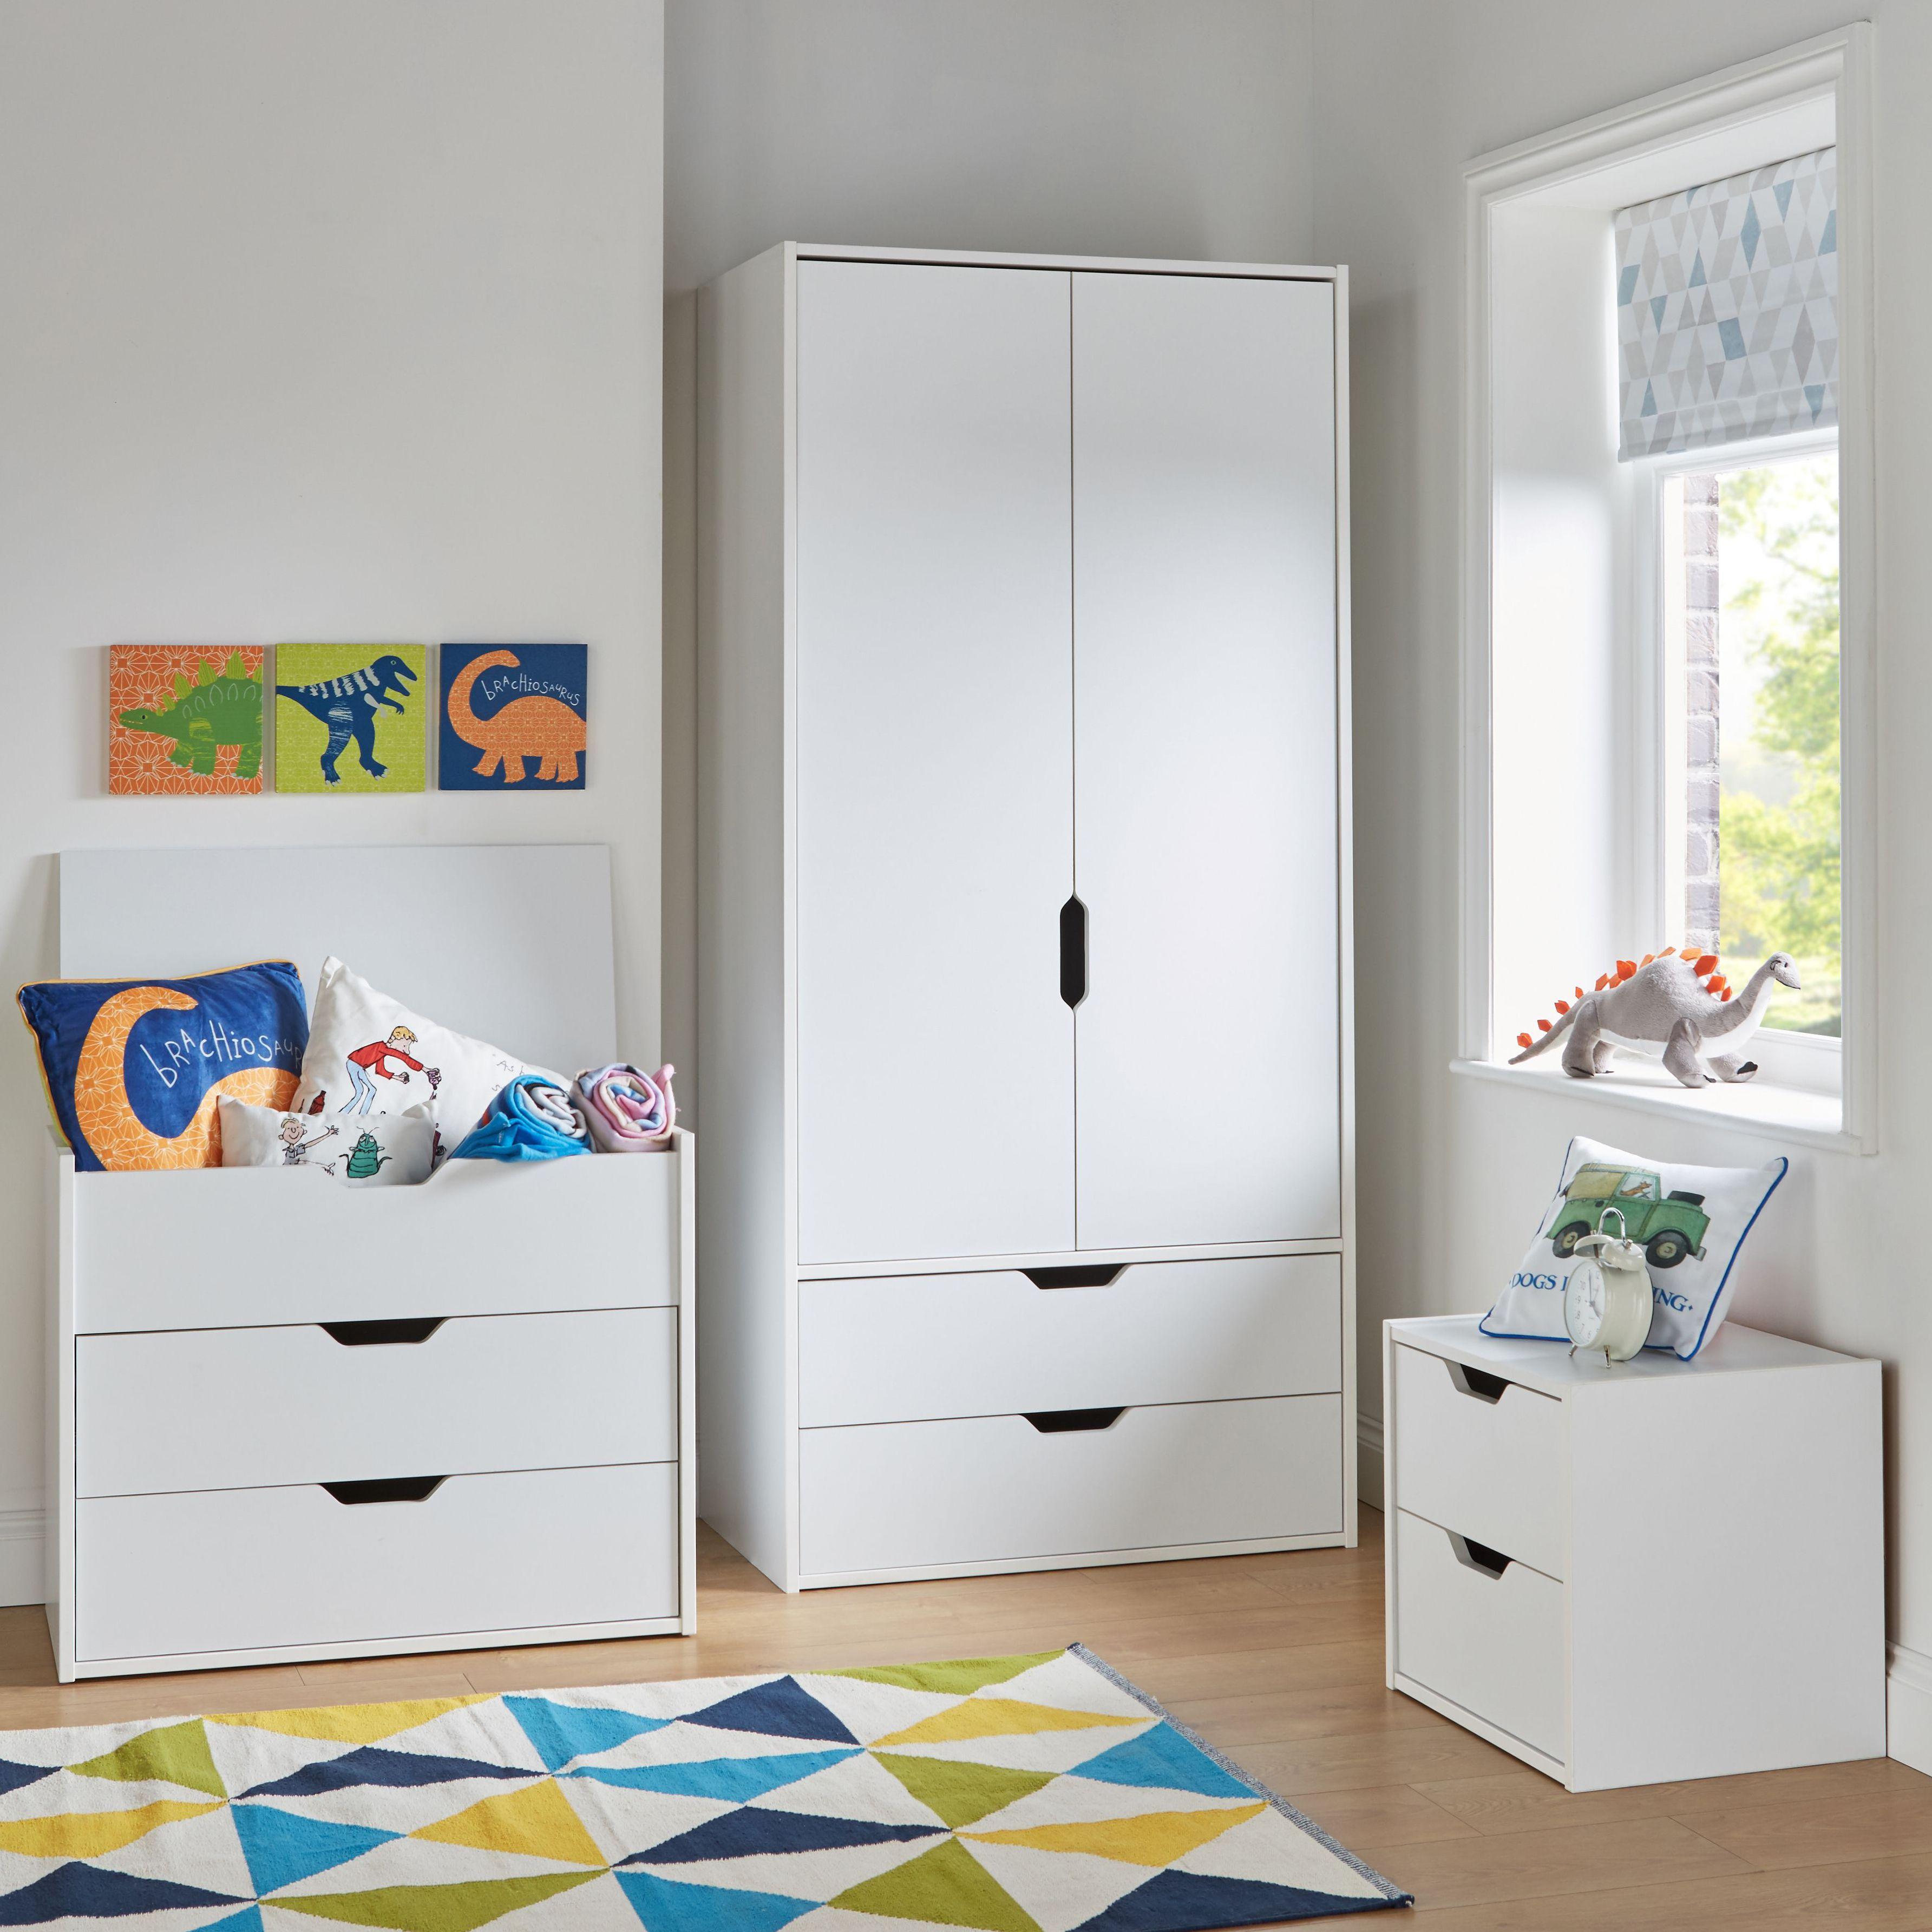 Bedroom Furniture Beds Wardrobes Amp Bedside Cabinets